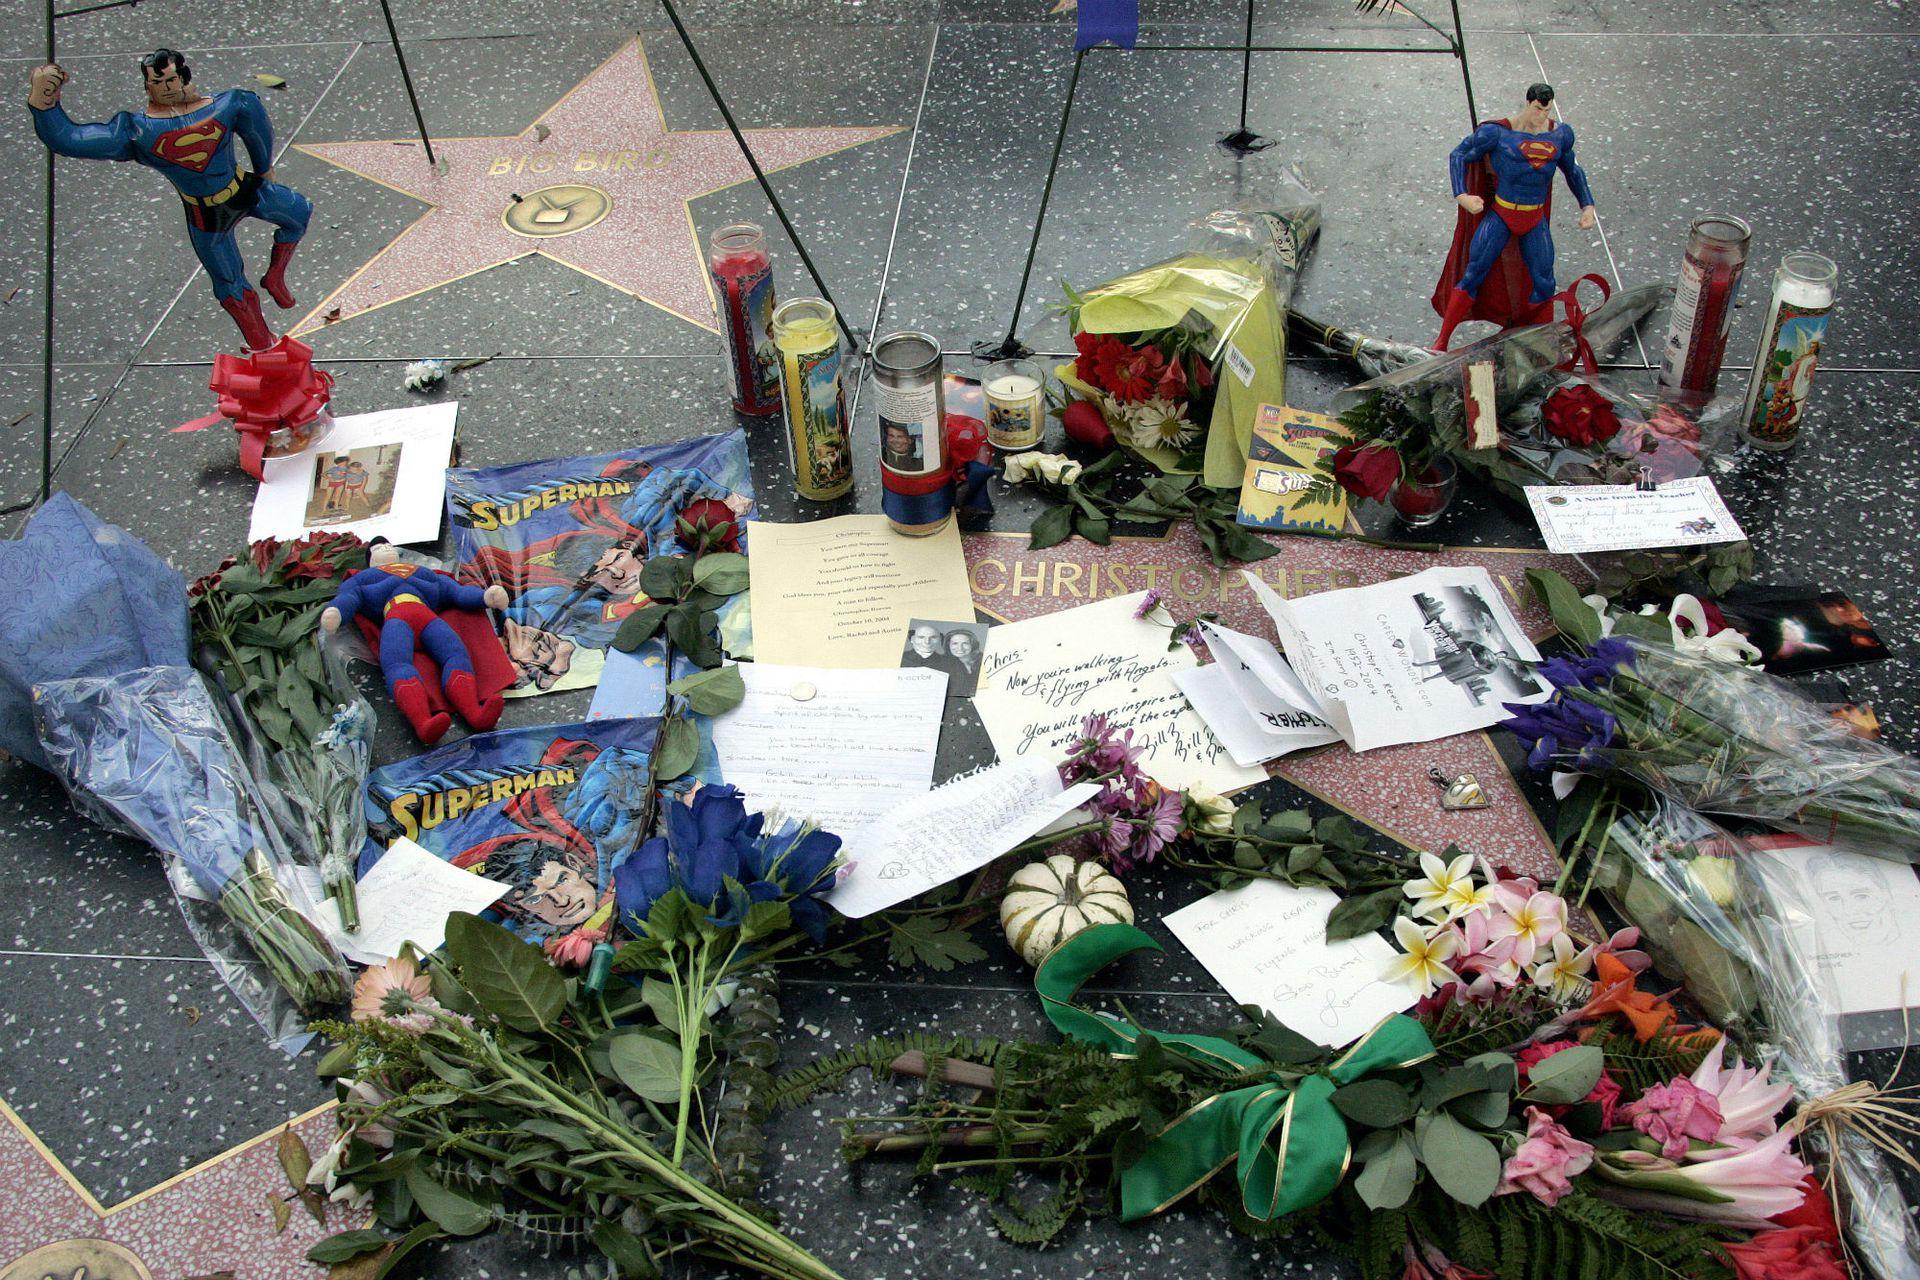 El día que murió, fans de Reeve lo homenajearon en el paseo de la fama